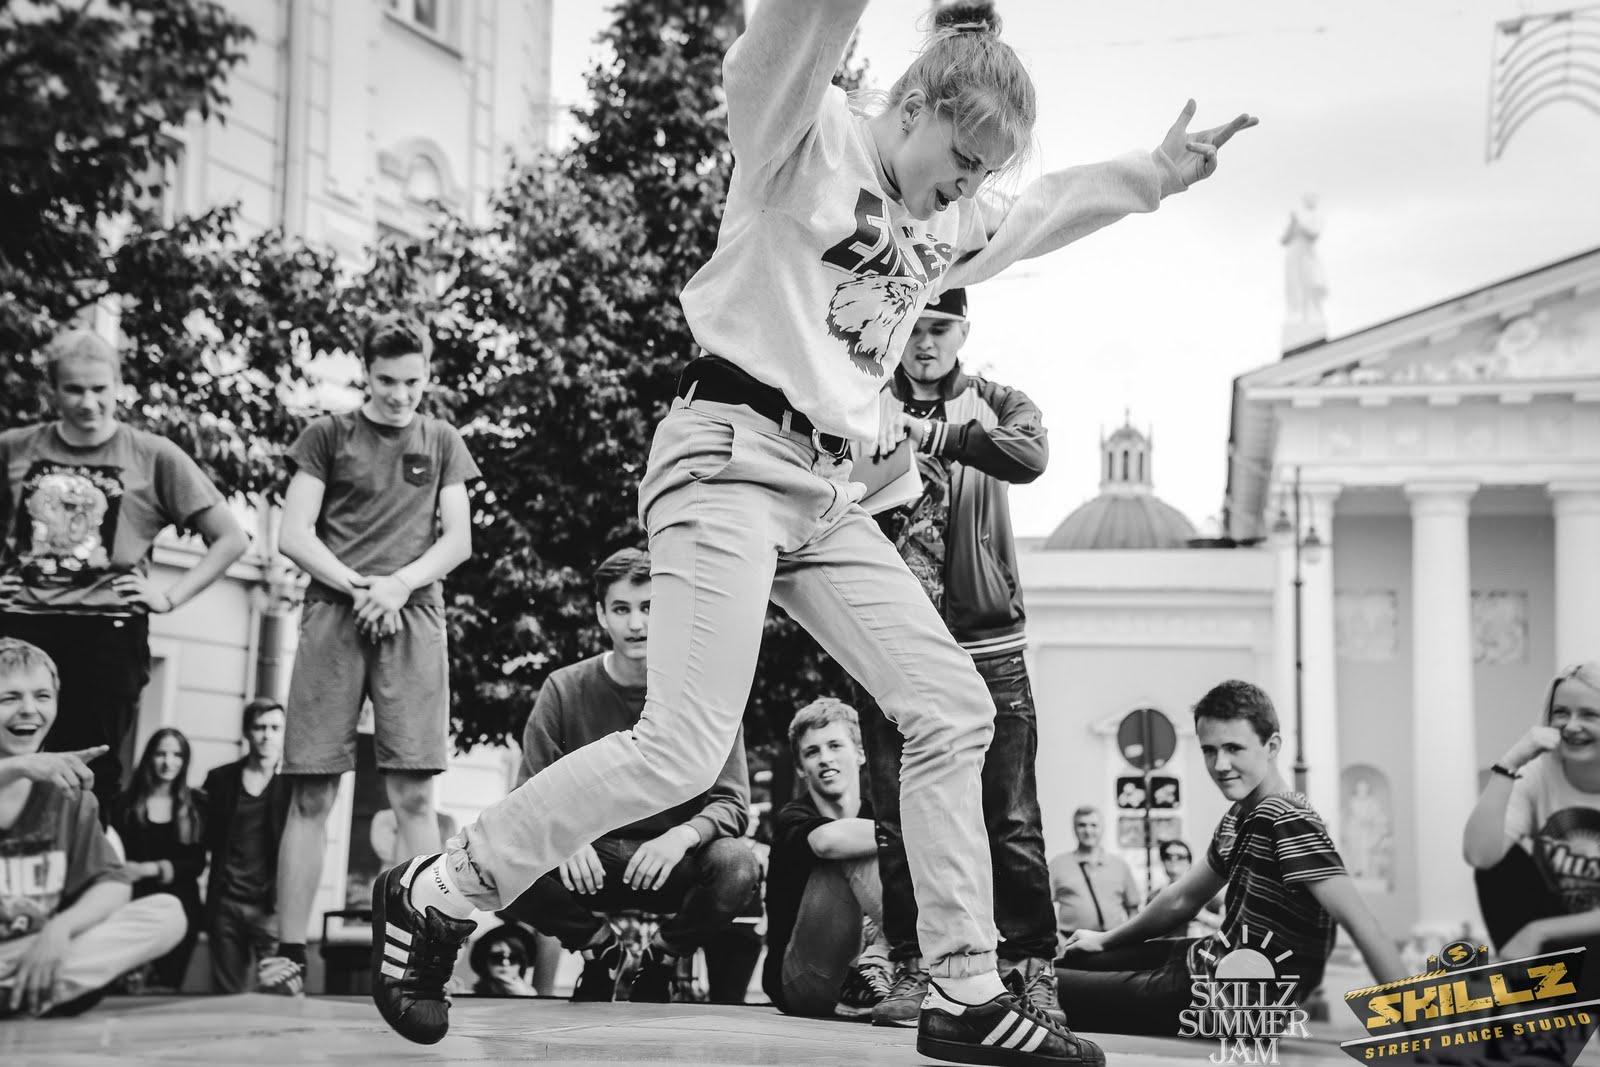 SKILLZ Summer jam 2014 - _MG_3328.jpg